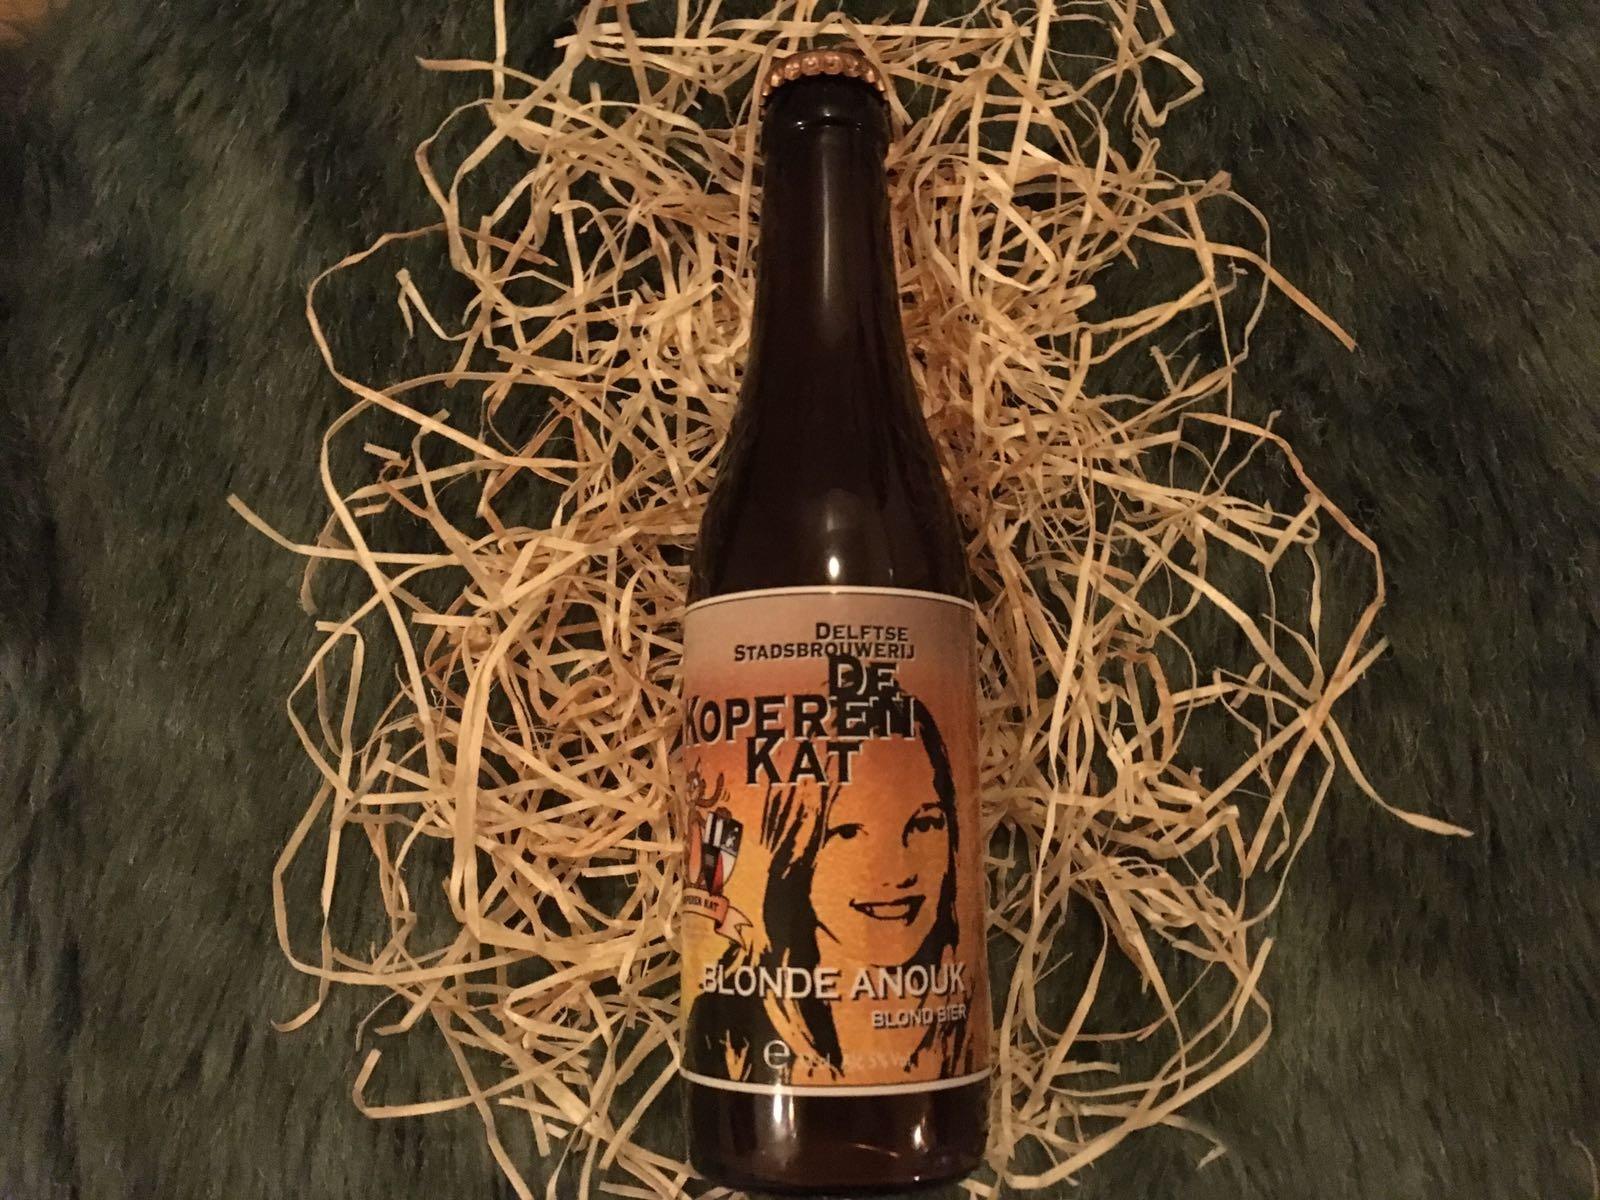 Blonde Anouk Herkomst: Delft, Nederland Net als Anouk, opvallend aanwezig. In de neus een kruidige geur die ons doet denken aan rozemarijn. De smaak is hoppig met een zachte afdronk. Blond speciaalbier met een romige schuimkraag. De naam van het bier verwijst naar de oudste dochter van de oprichter. Een toegankelijk blondbier. Het bier bevat een alcoholpercentage van 5%. Advies serveertemperatuur: 5 graden.